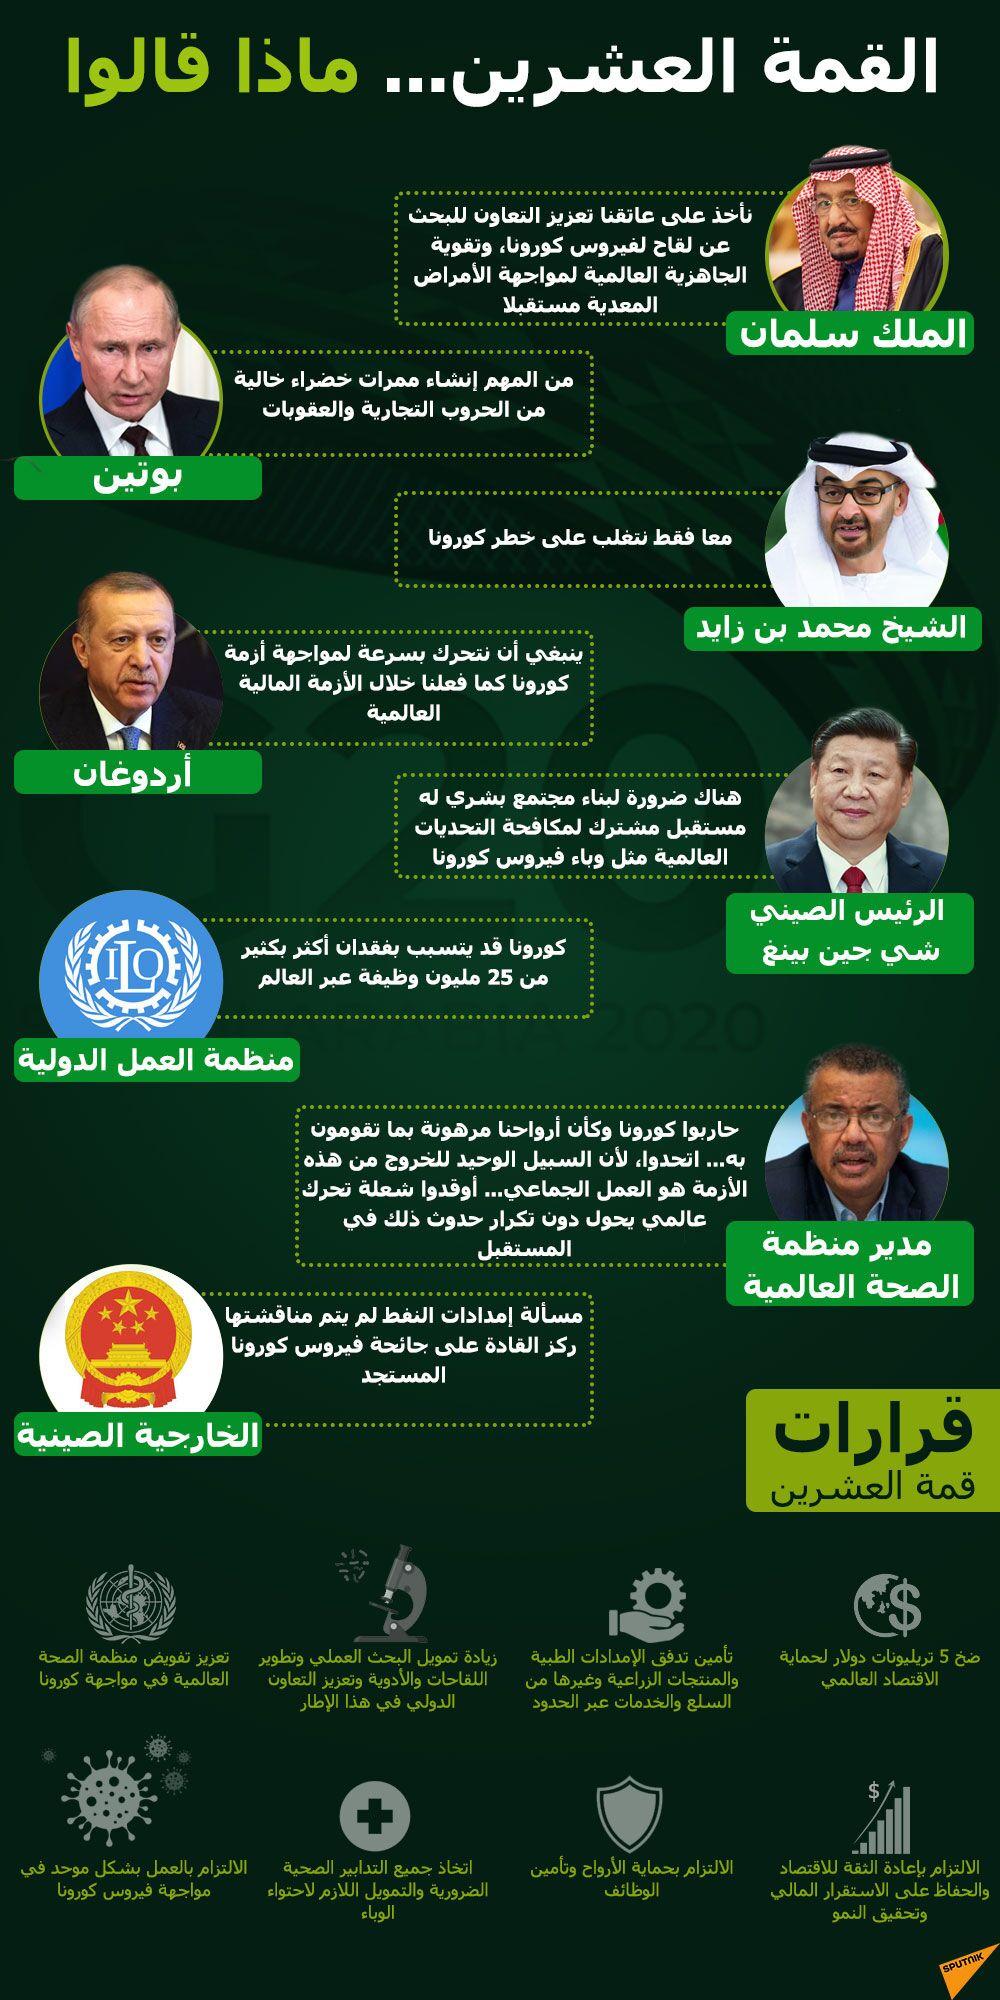 أبرز تصريحات قمة العشرين مارس 2020 وقراراتها